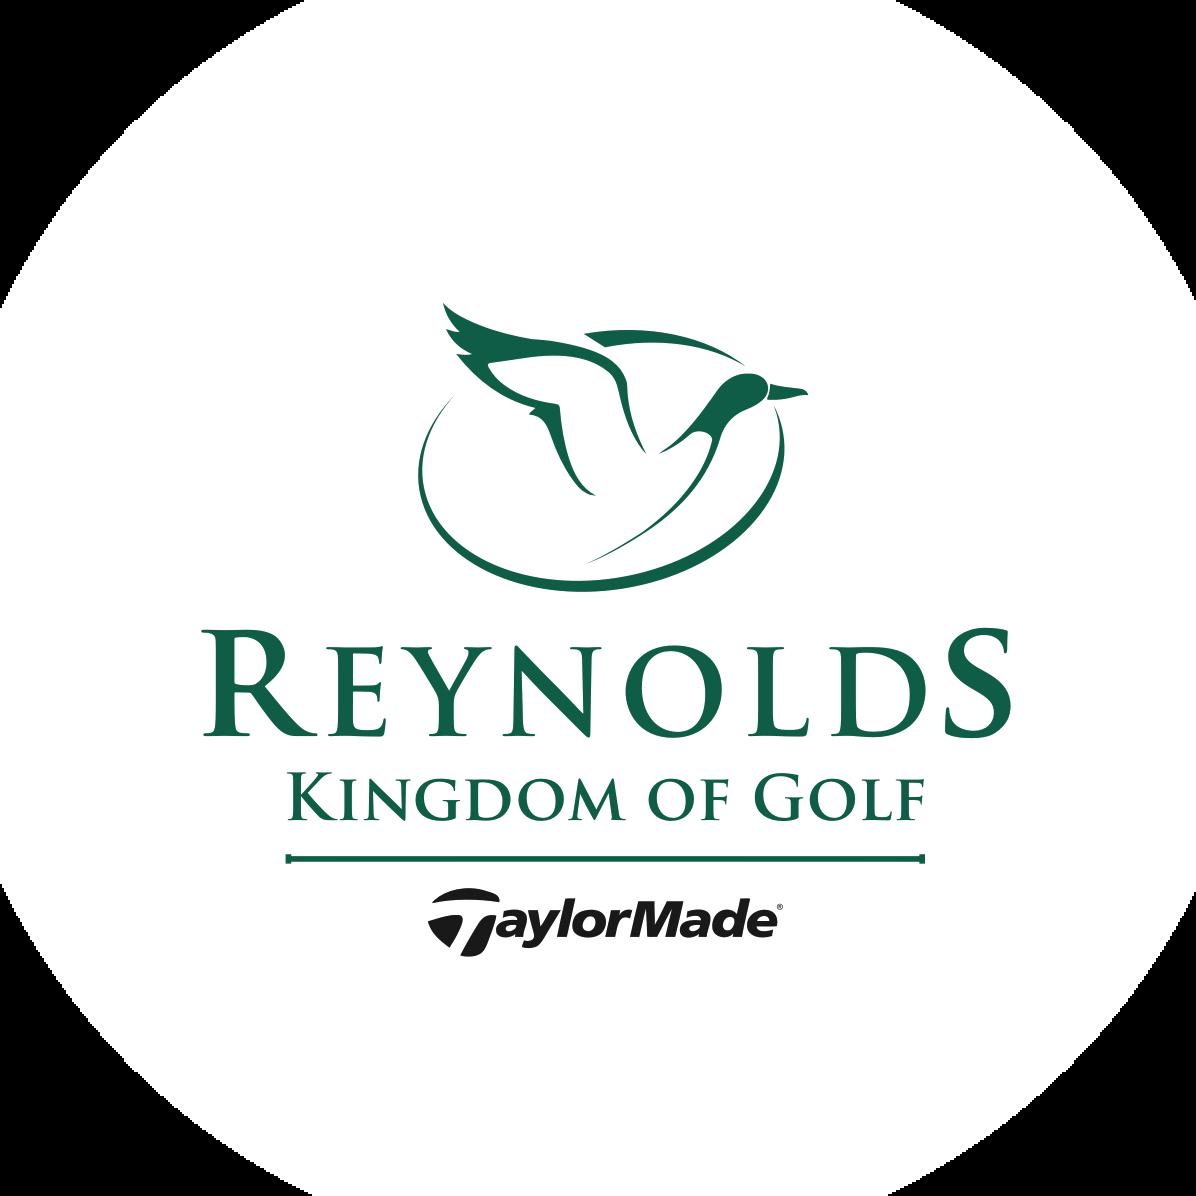 Reynolds Kingdom of Golf